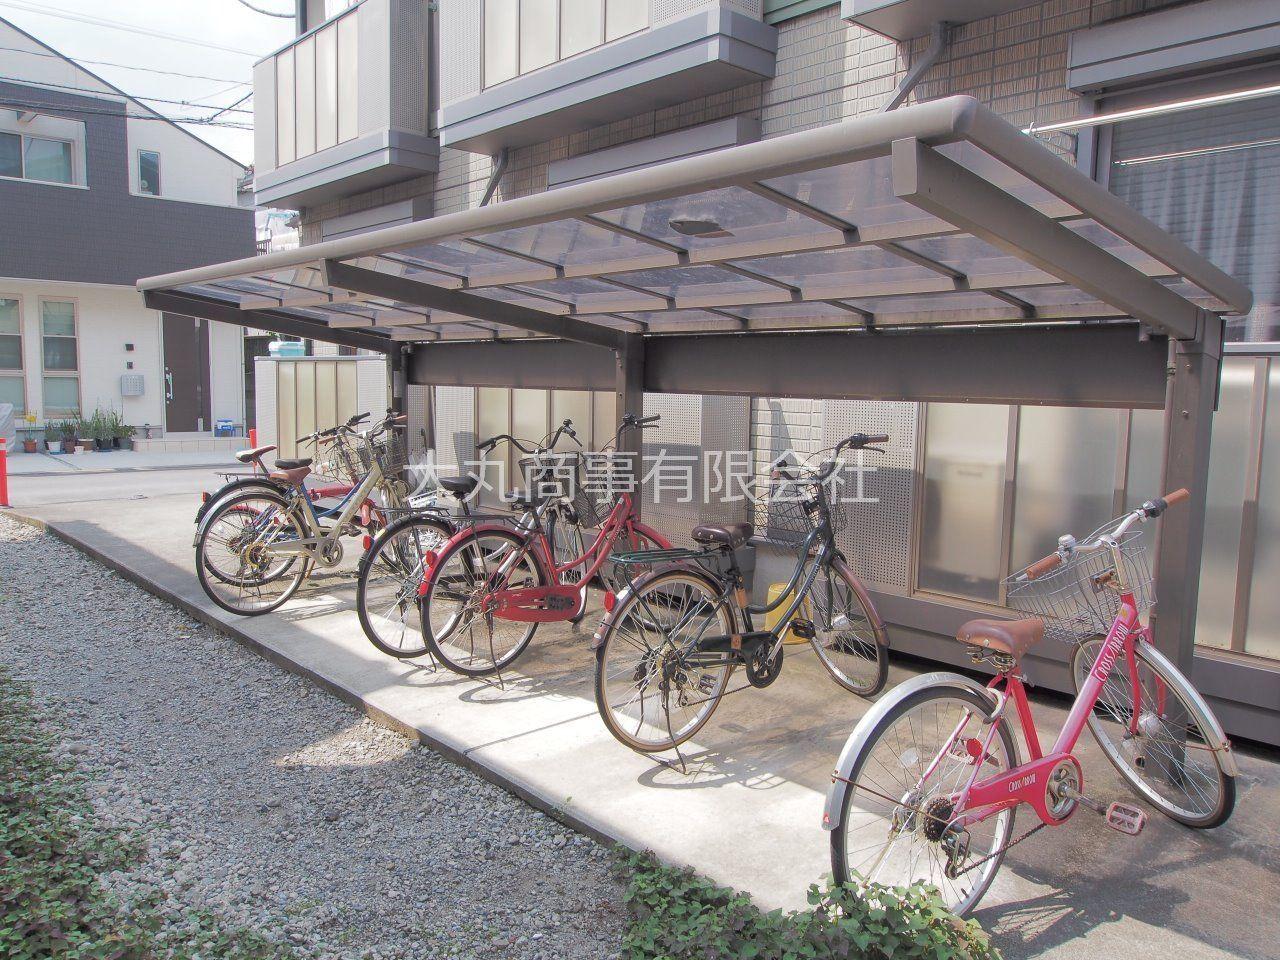 大型バイクも相談可能な駐輪場